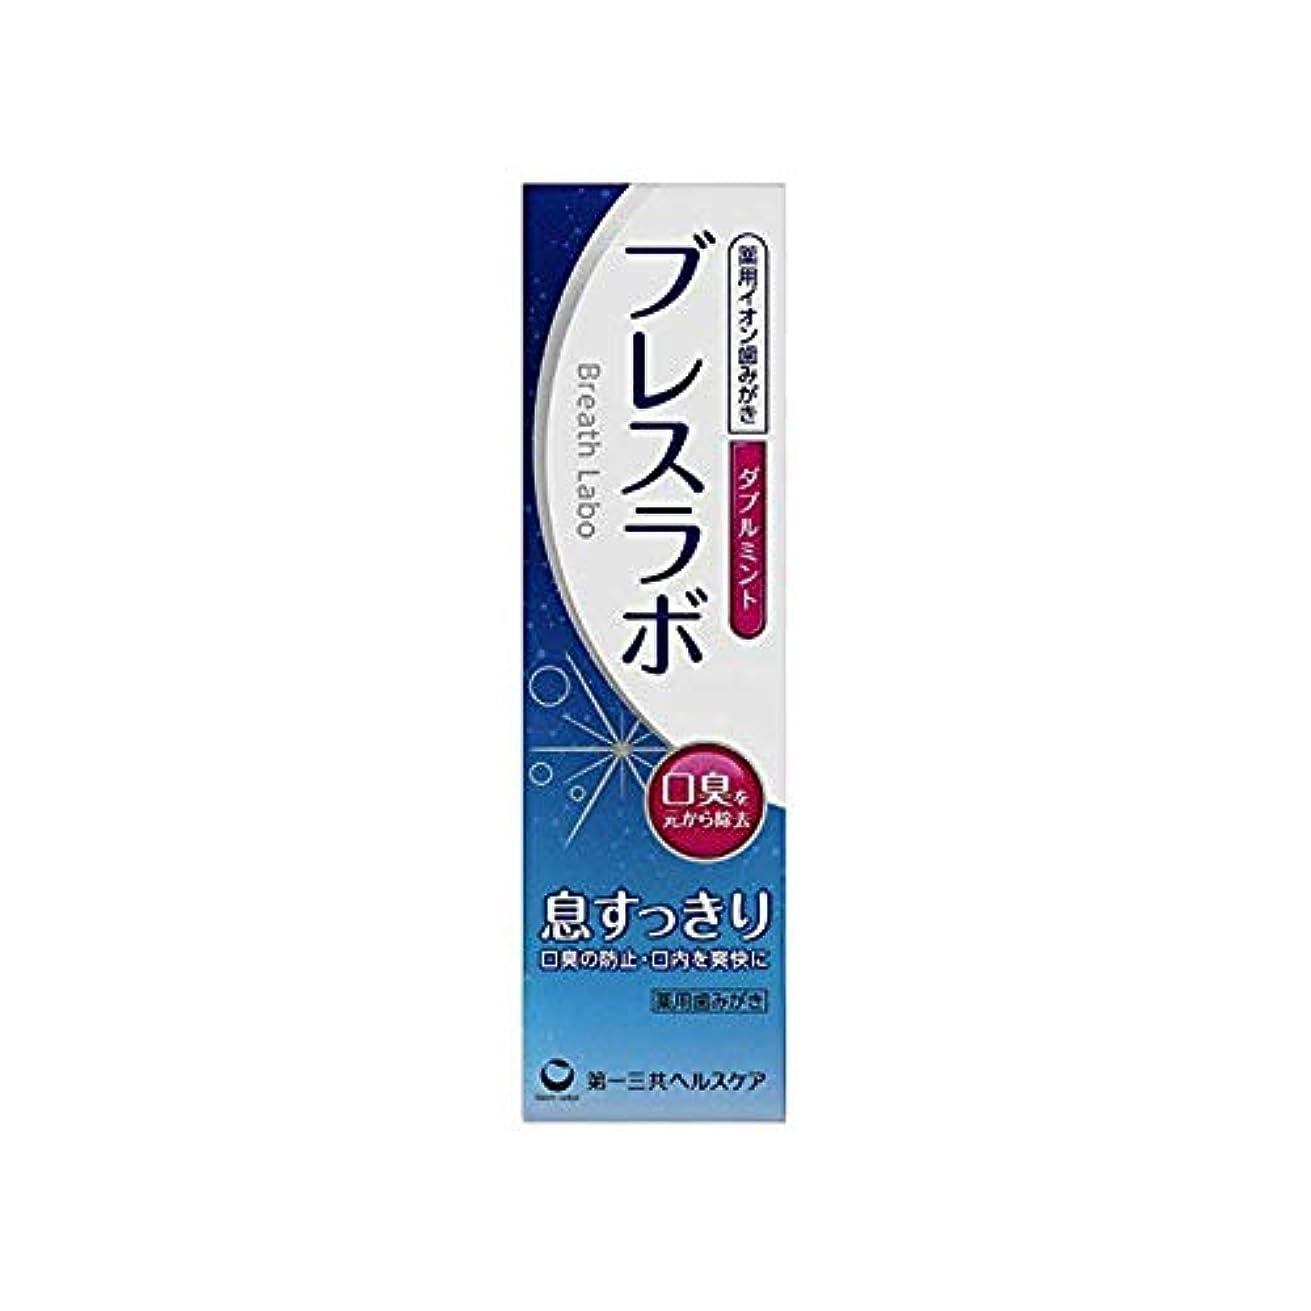 子犬同情回路【6個セット】ブレスラボ ダブルミント 90g